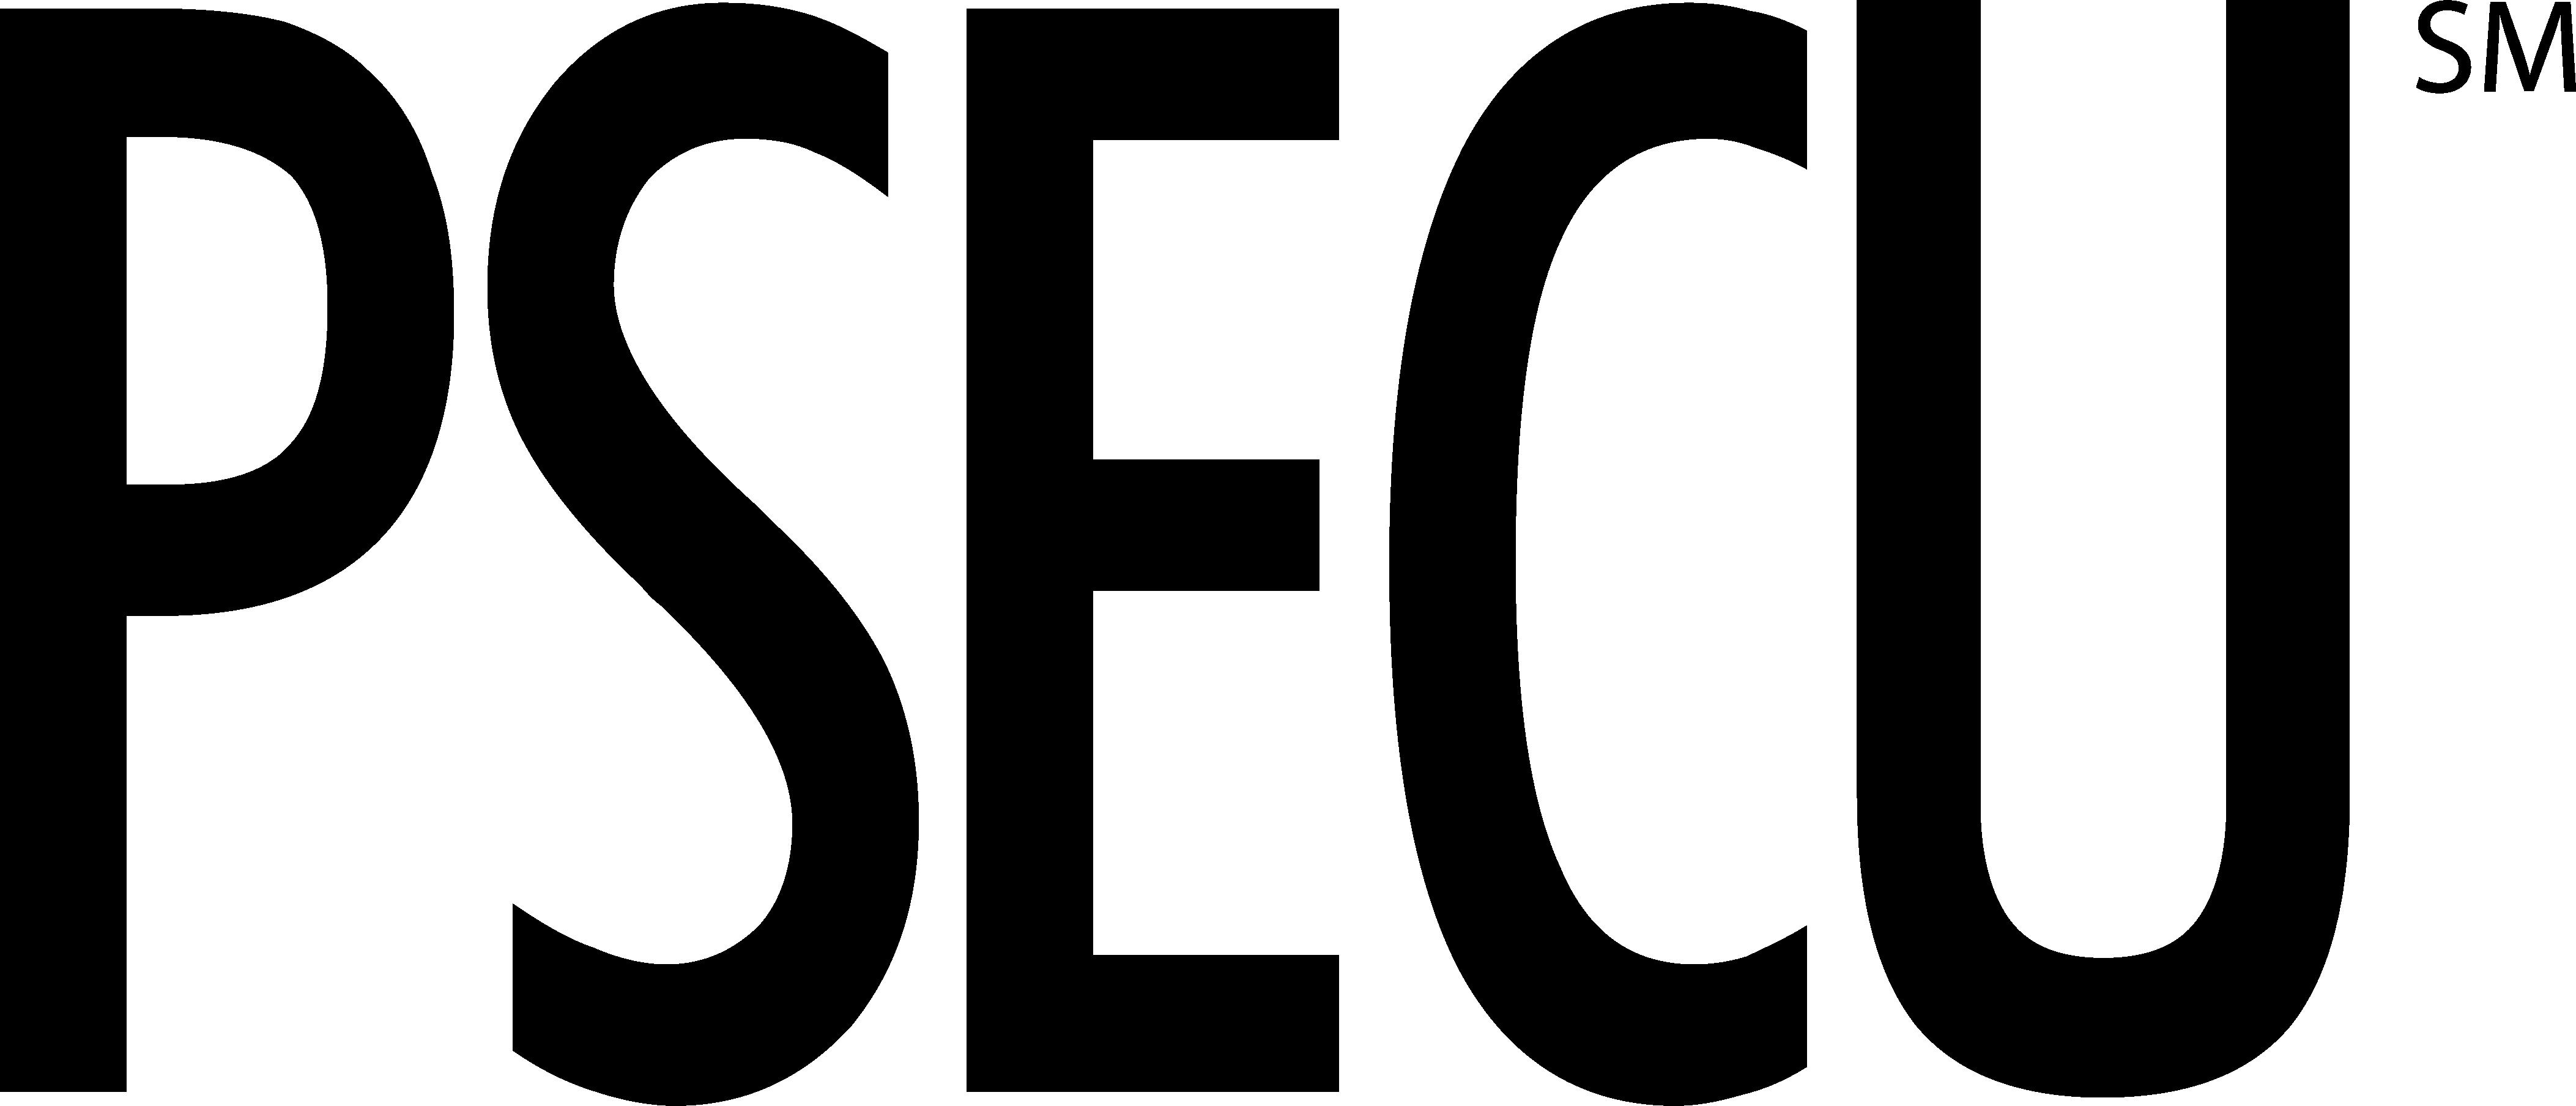 PSECU